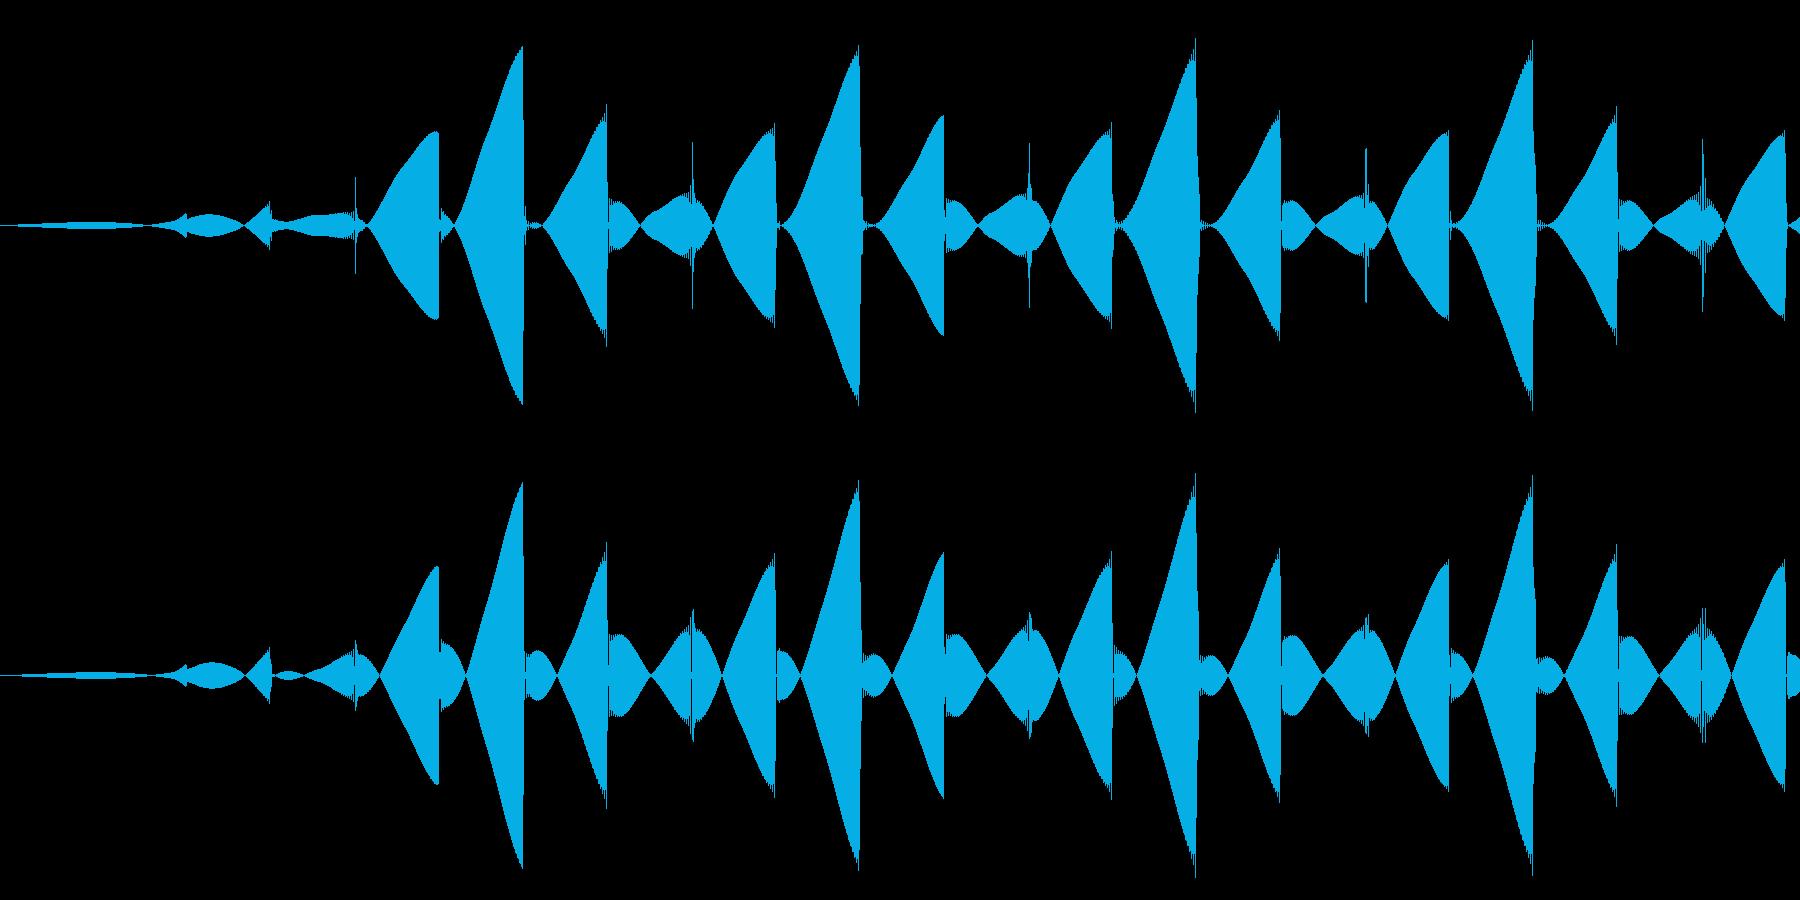 パソコン/キャンセル/ブッの再生済みの波形